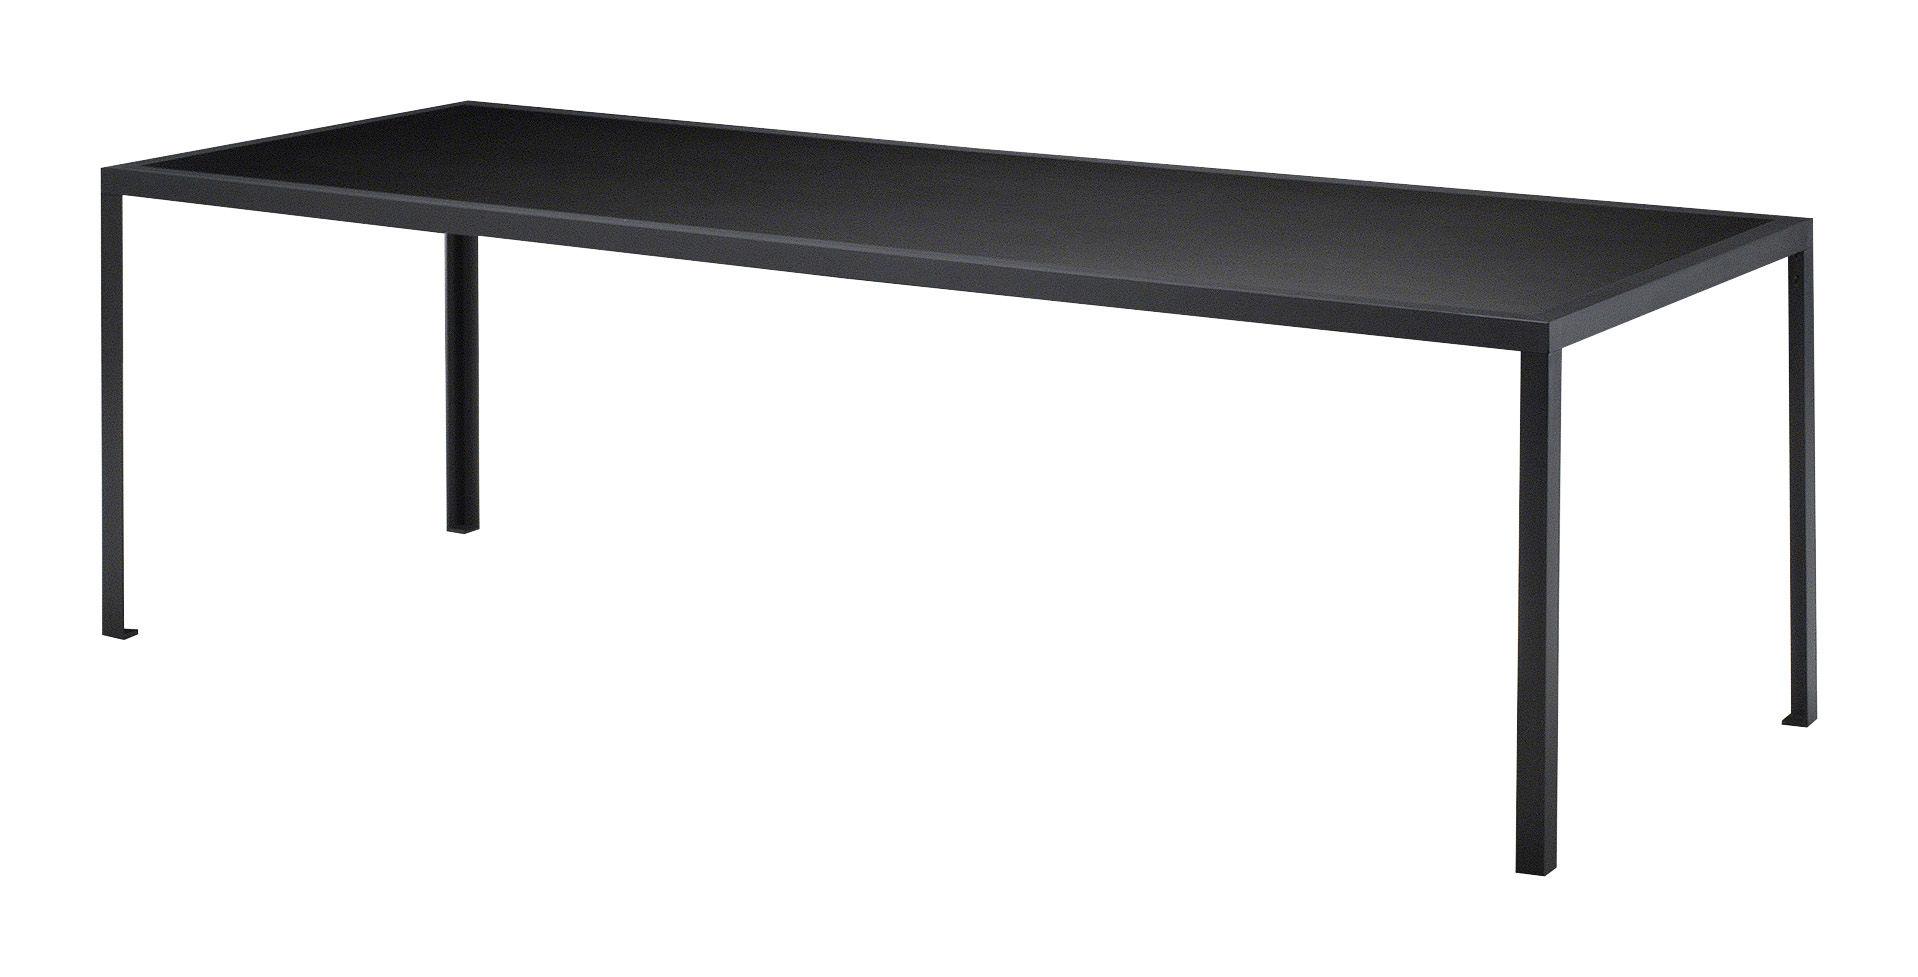 Arredamento - Tavoli - Tavolo rettangolare Tavolo - Rettangolare - L 180 cm di Zeus - Nero - 180 x 90 cm - Acciaio verniciato, Linoleum